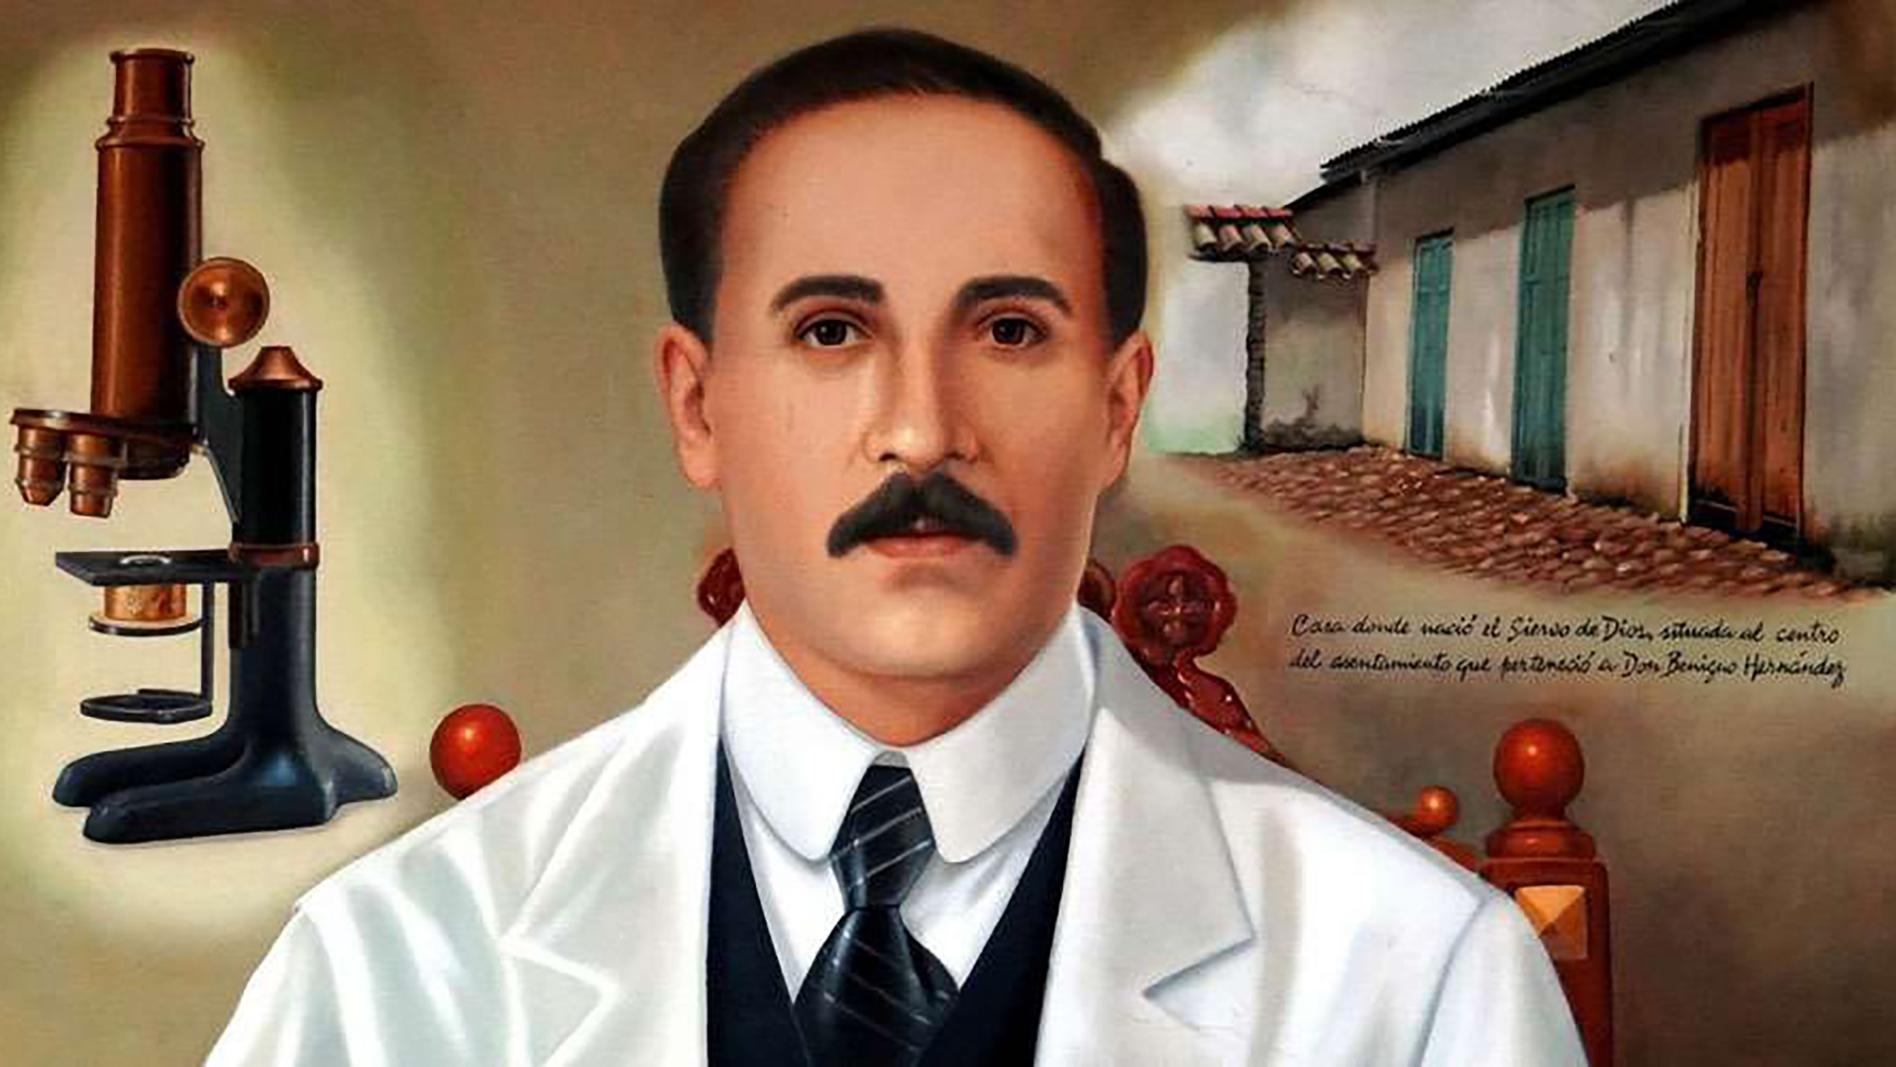 Muerte de José Gregorio Hernández - Muerte de José Gregorio Hernández